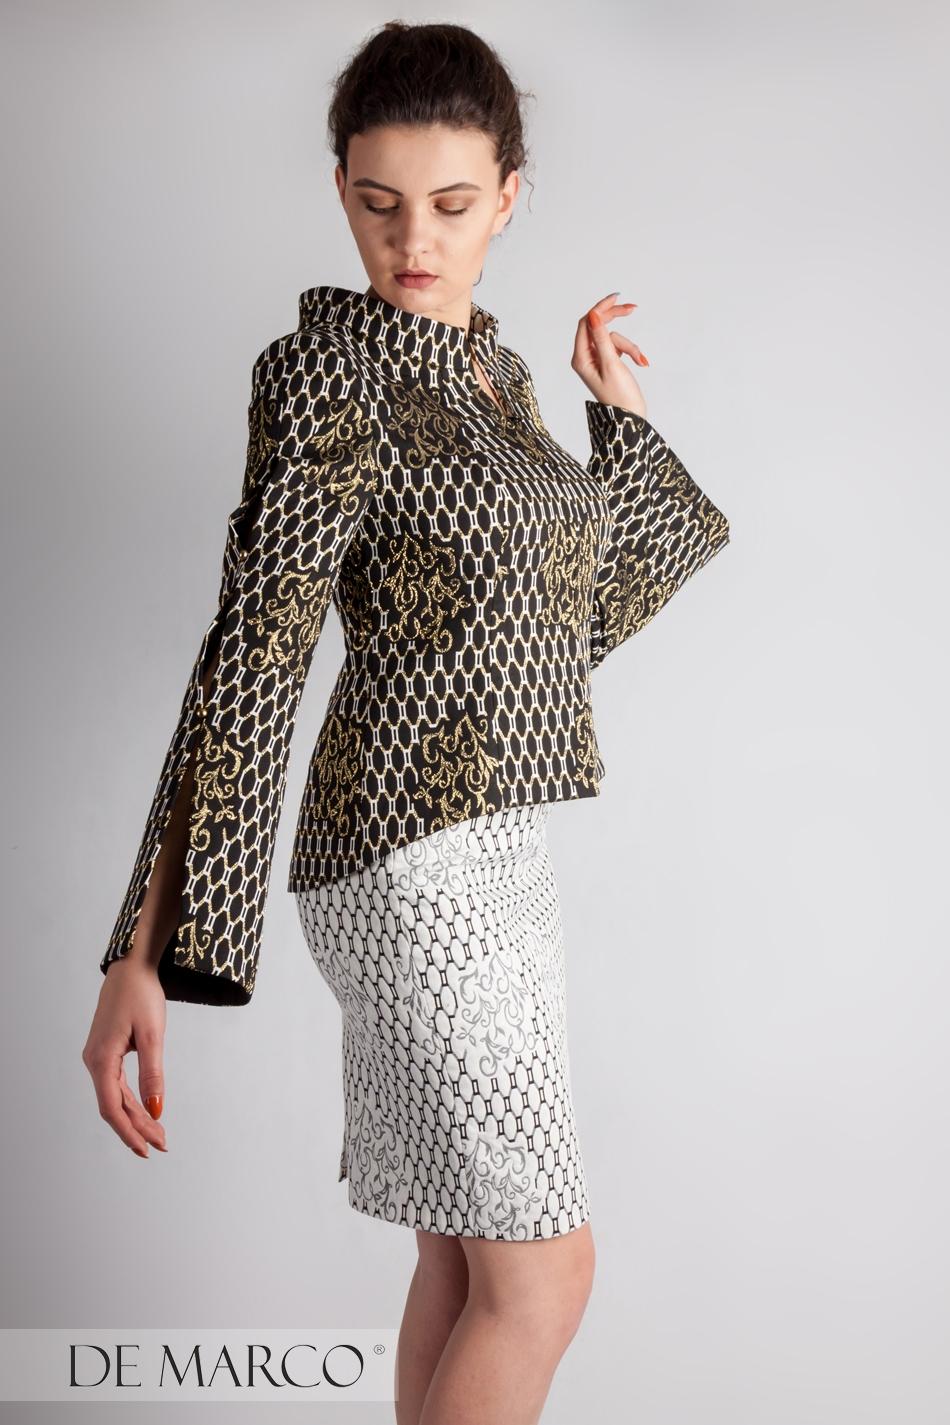 a3bc265e8a Garsonki wizytoweszyte na miarę online · Oryginalny kostium biznesowy  Gizela-Estera. Garsonki wizytowe De Marco ...